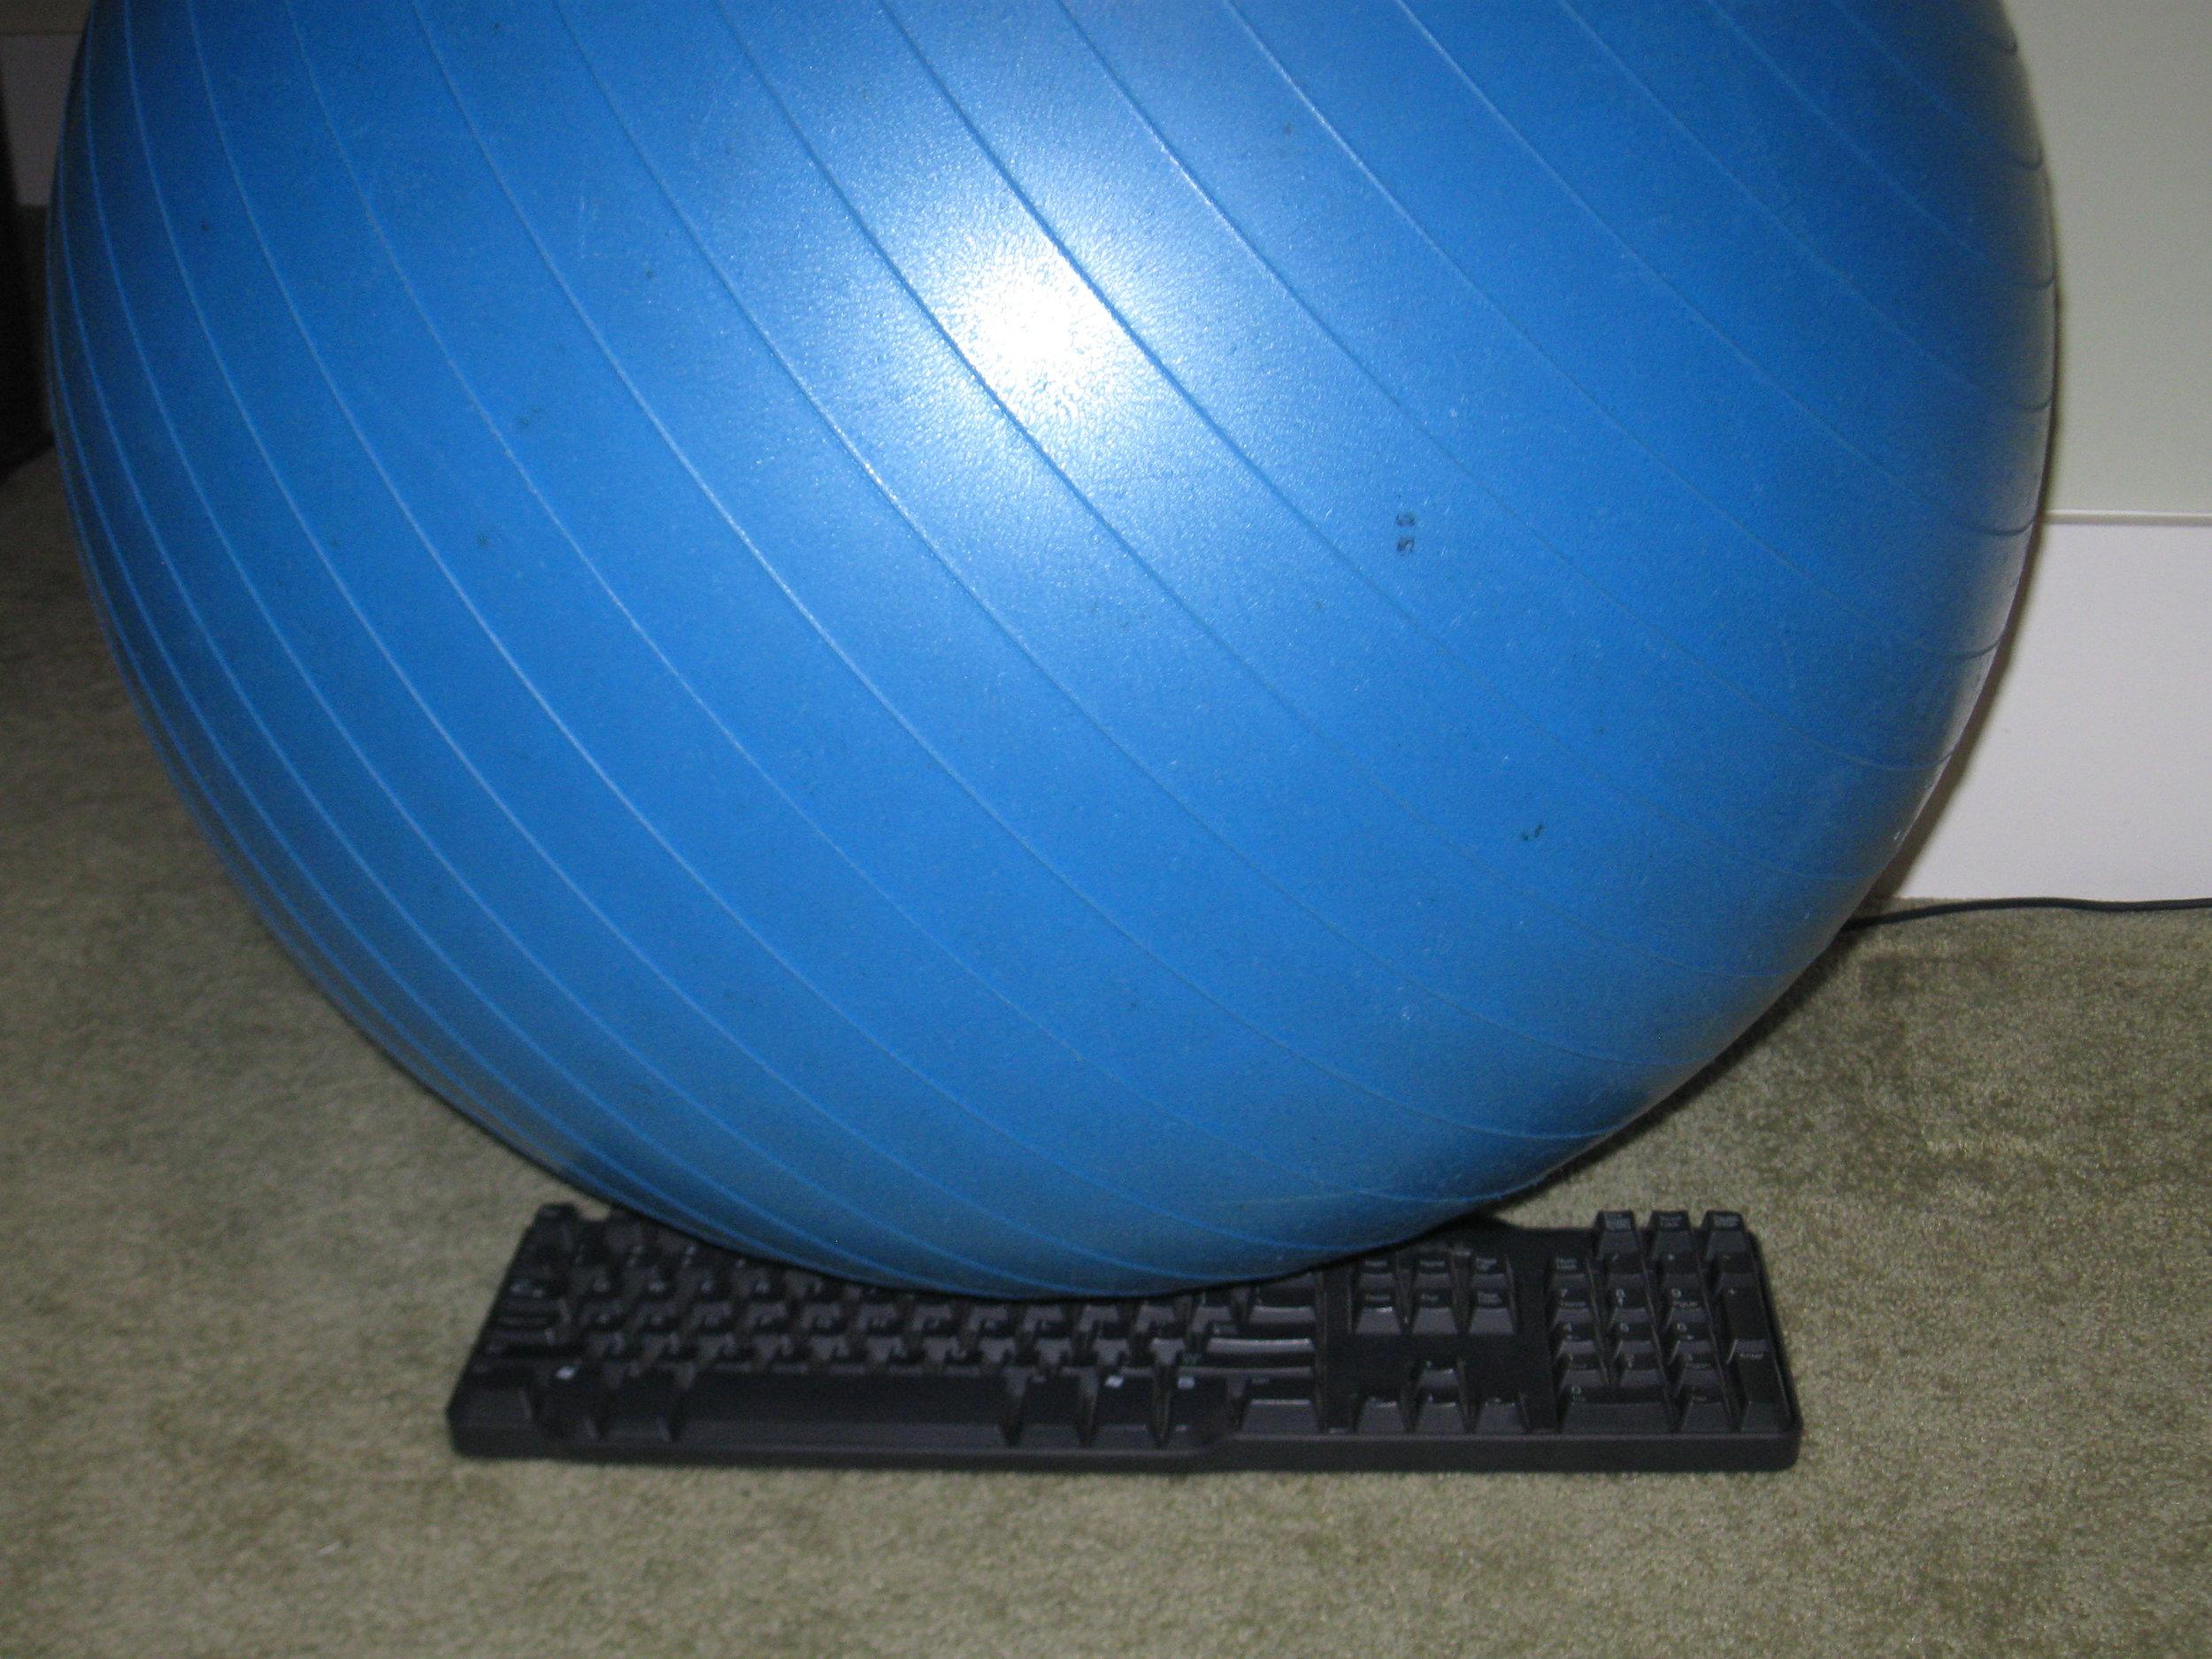 Keyboard bounce